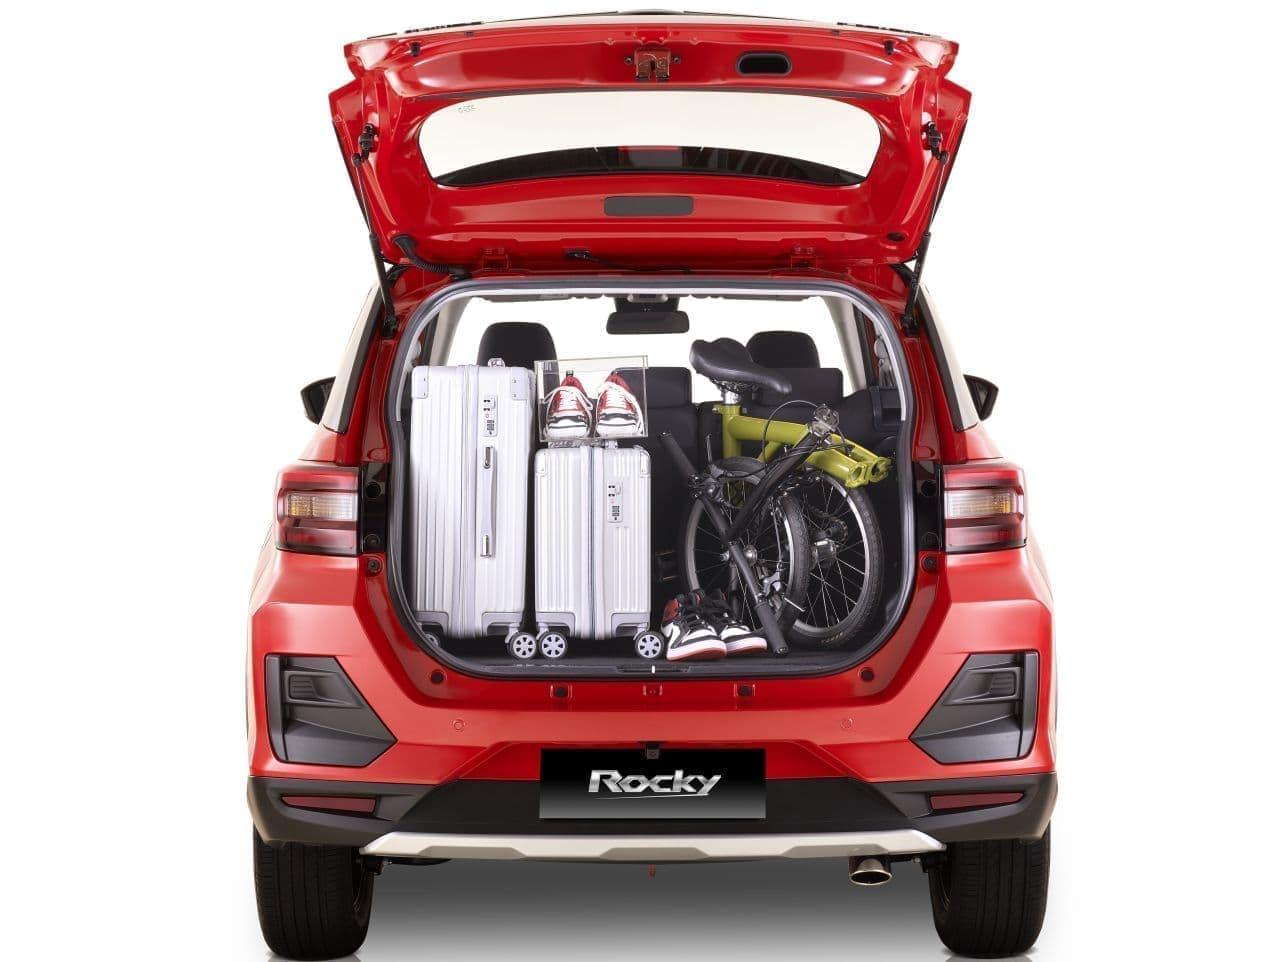 ダイハツがコンパクトSUV「Rocky」をインドネシアで発売